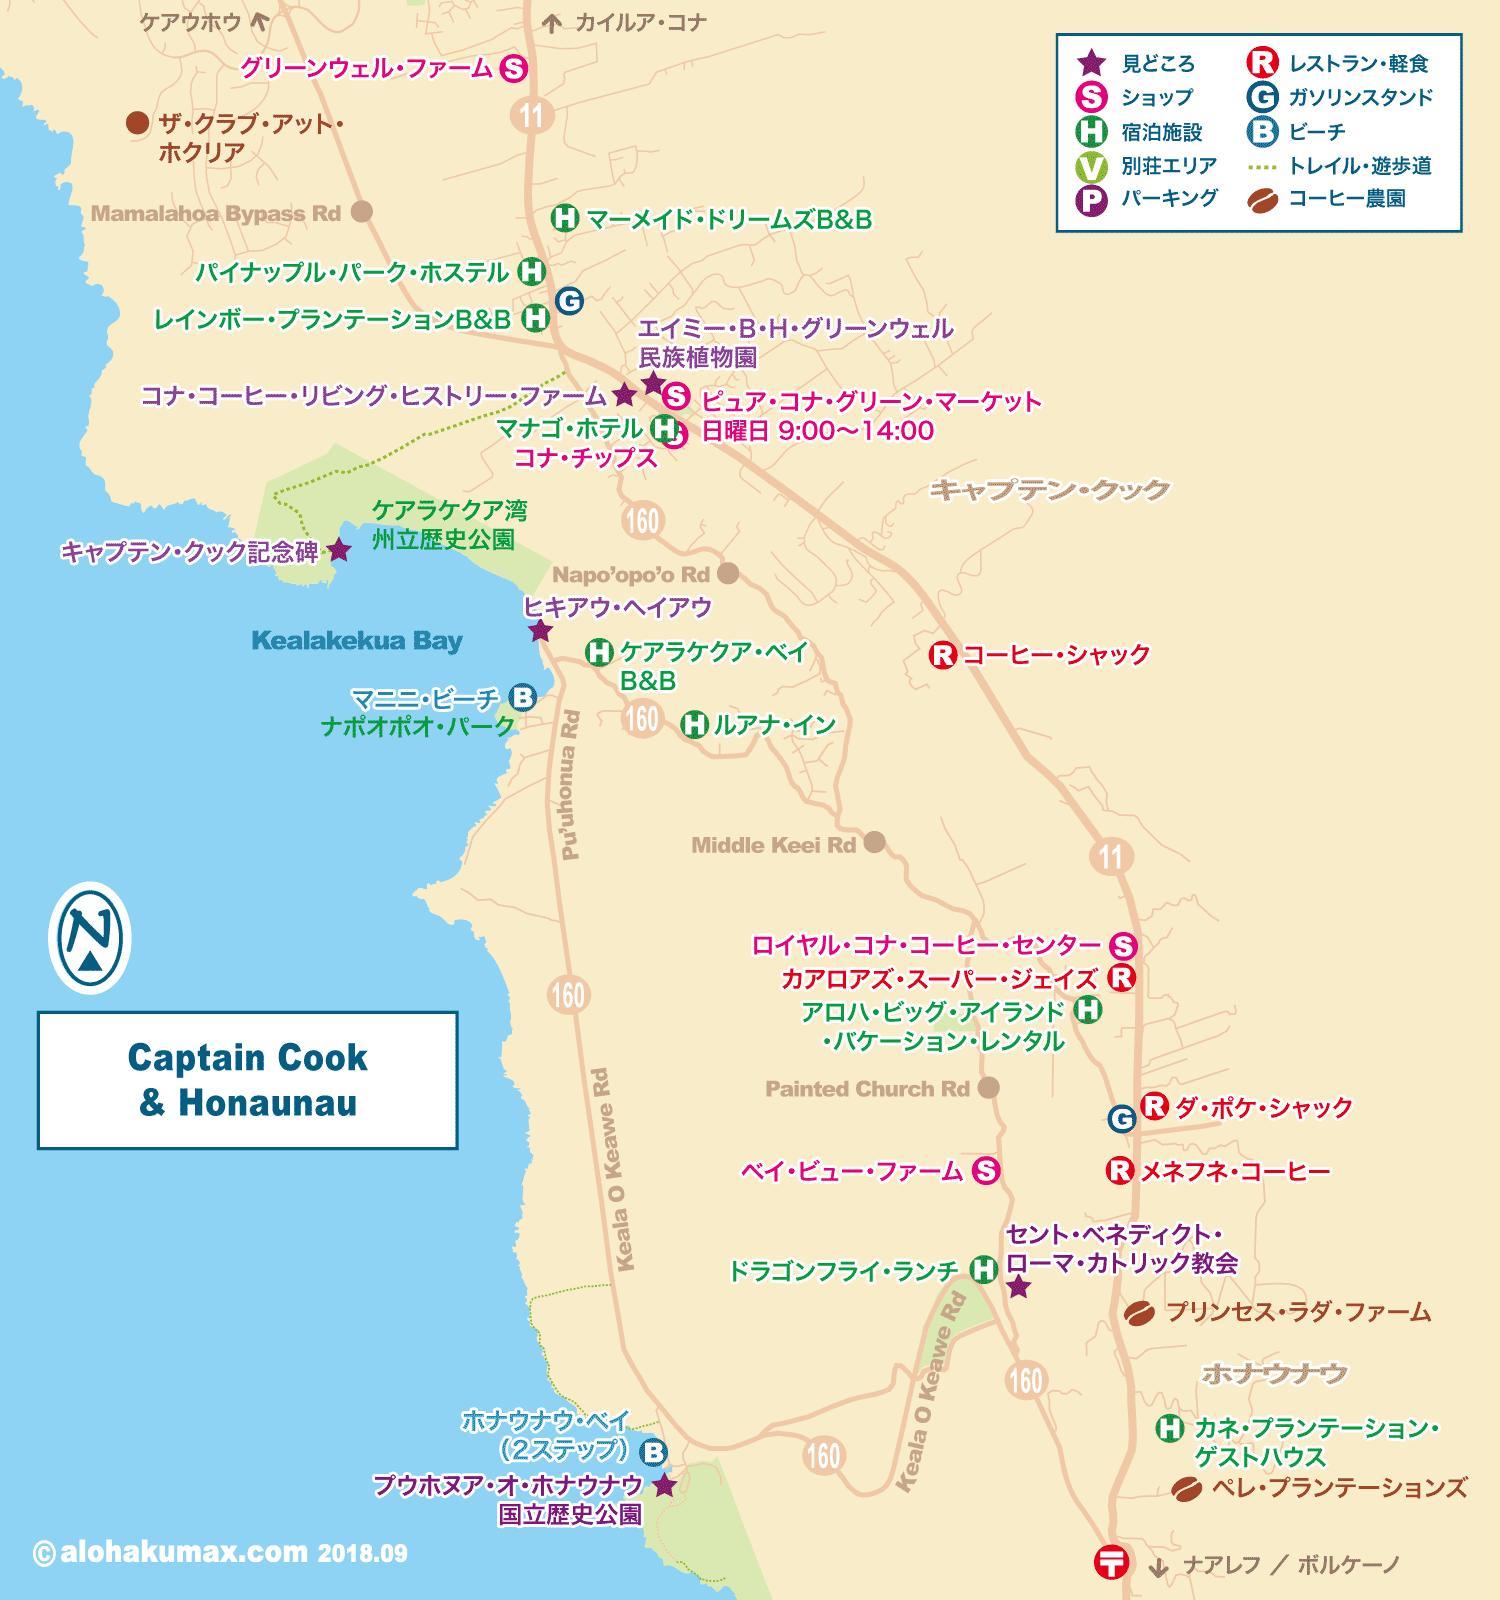 キャプテンクック 地図